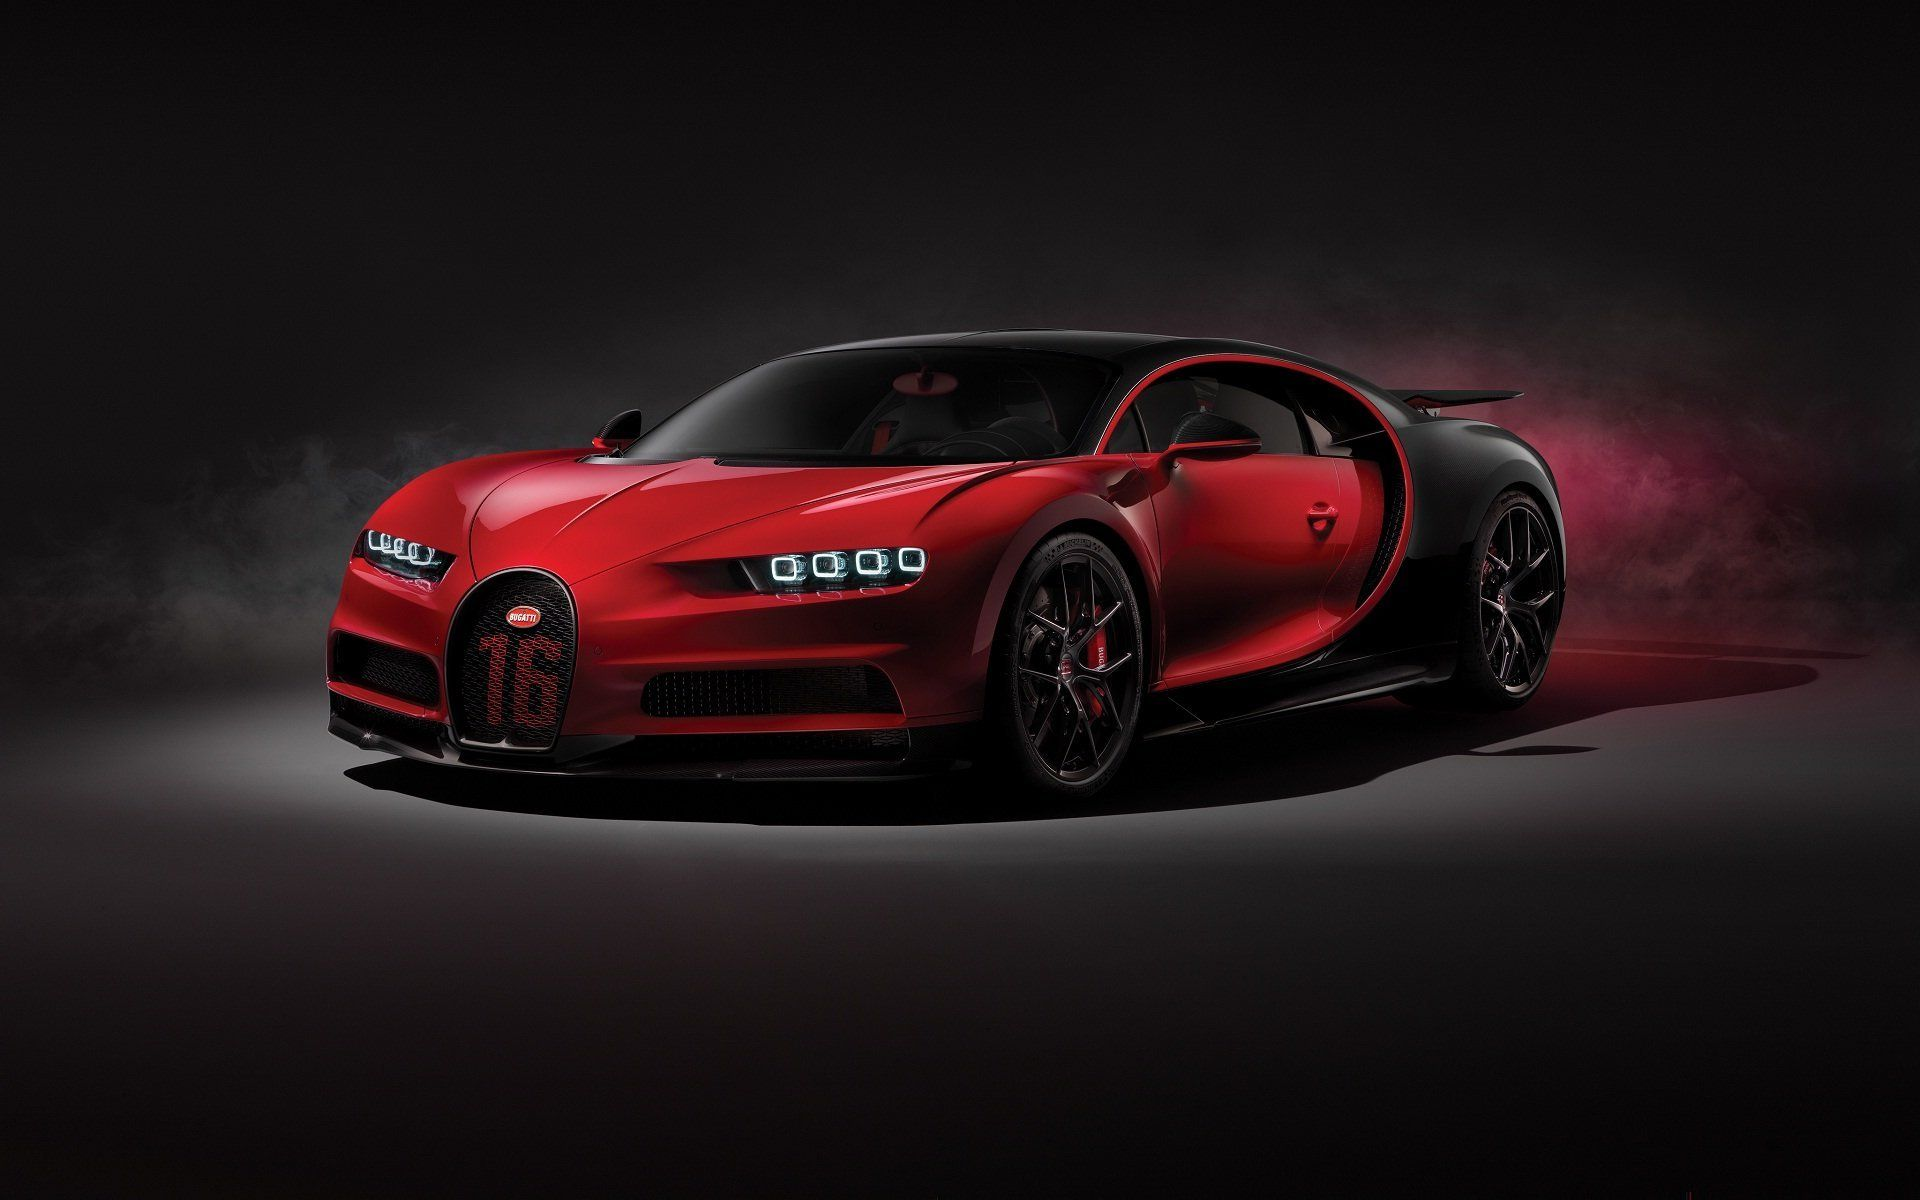 Bugatti Chiron Red Black Concept Beautiful Car Wallpaper Bugatti Chiron Red Black Concept Beautiful Car Bugatti Chiron Sport Bugatti Chiron New Bugatti Chiron